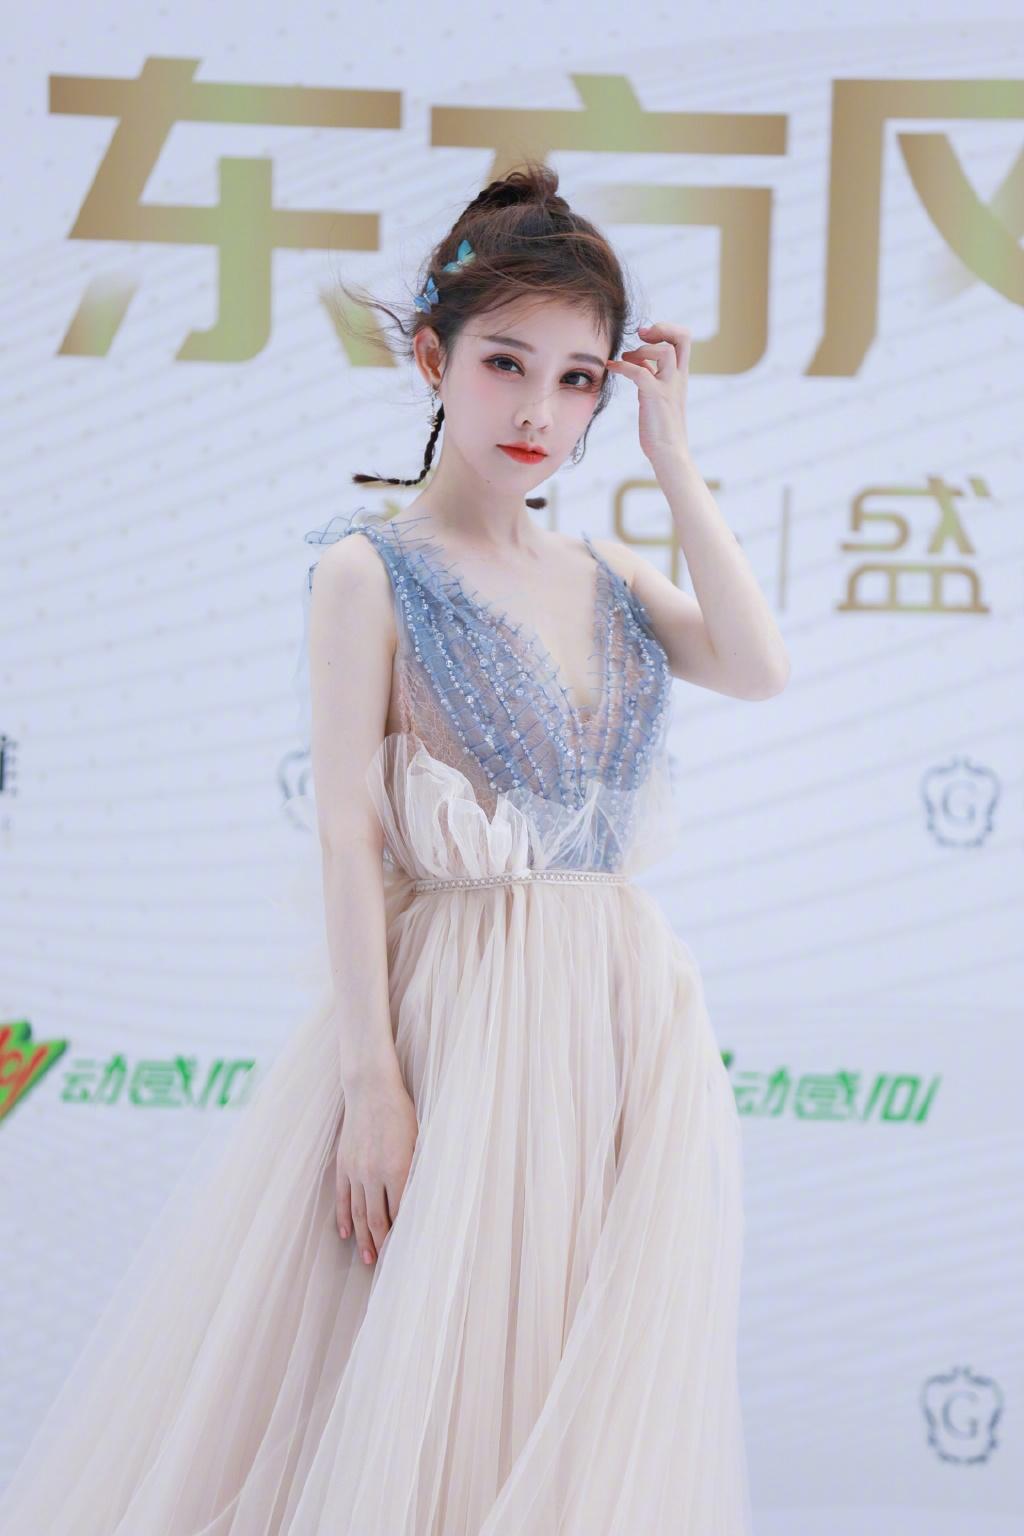 五官大走鍾!馮提莫「無修圖曝光」 網傻眼:又再整?